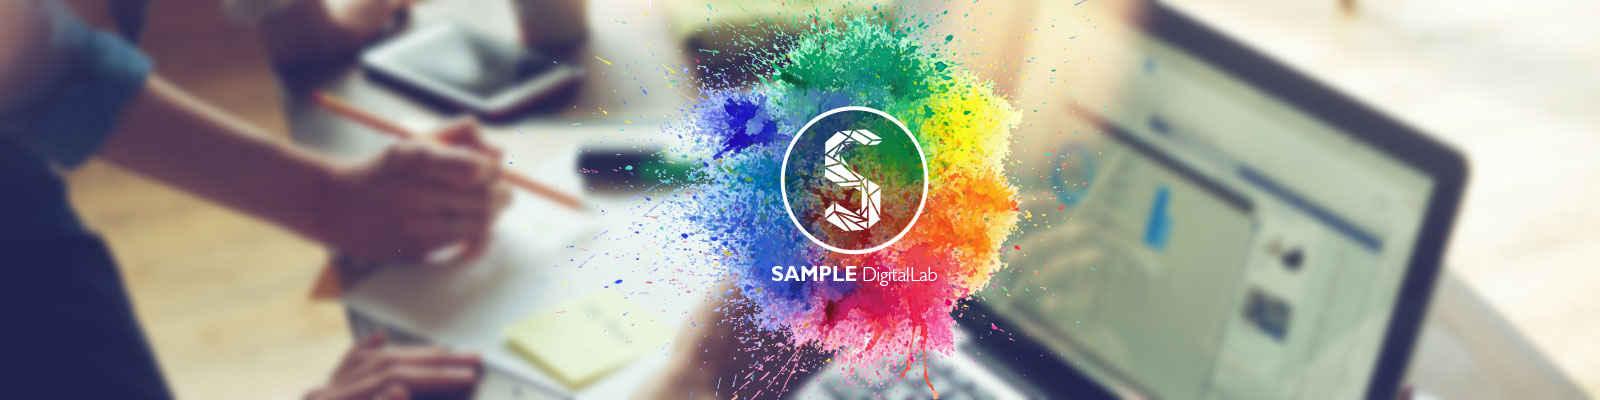 Sample Digital Lab banner fotograf